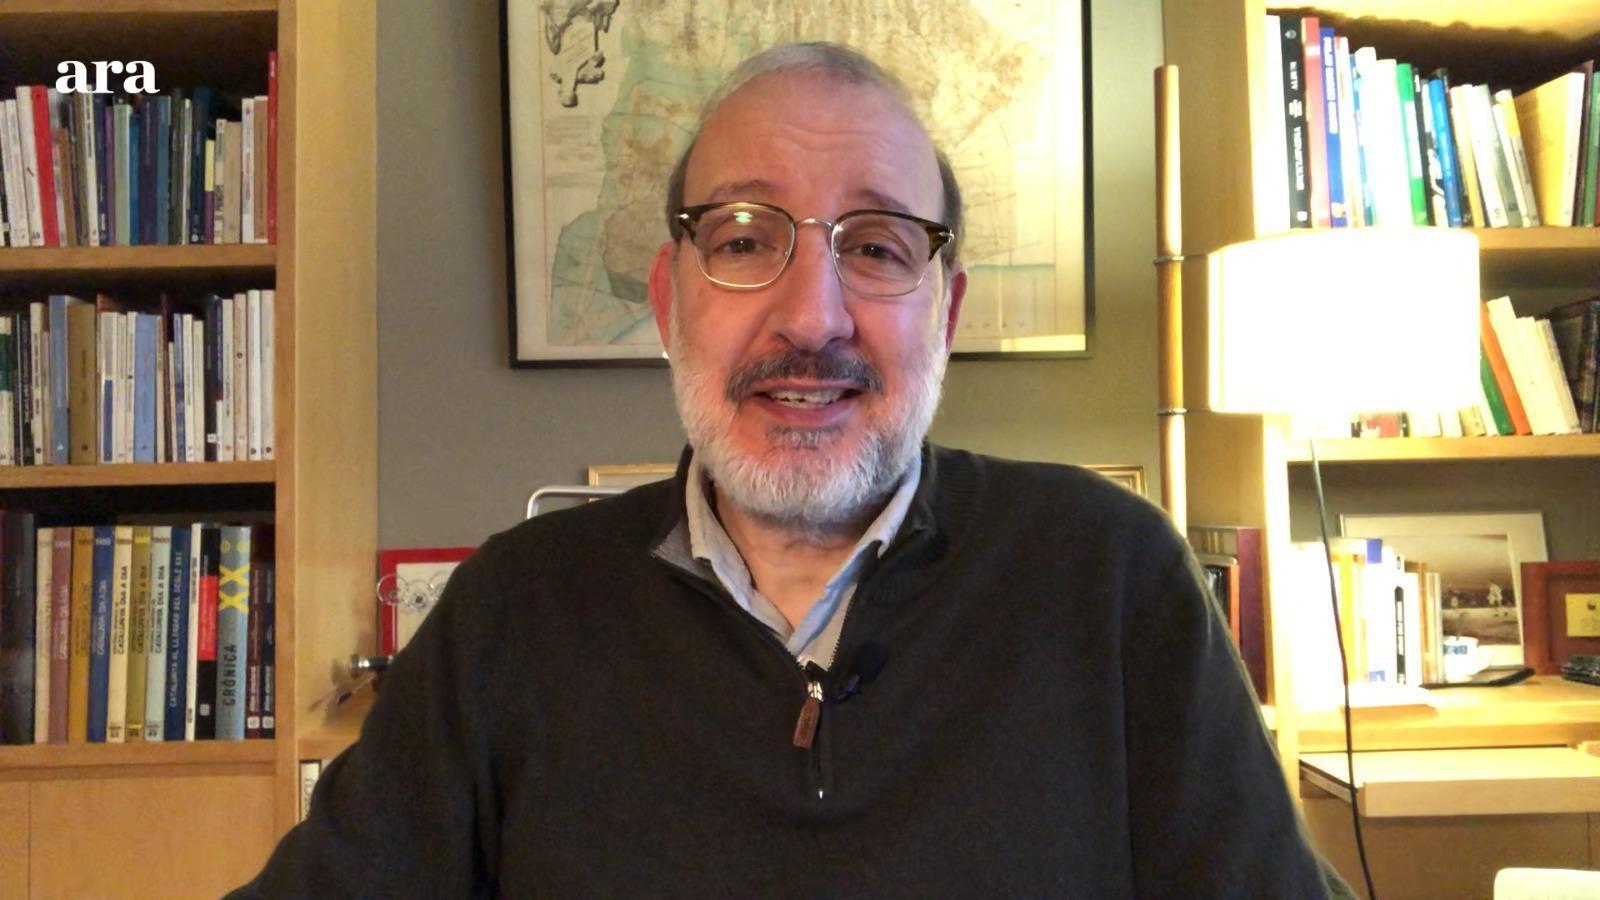 Protecció civil recomana tapar-se el nas i la boca per anar a comprar i 2335 morts a catalunya: les claus del dia, amb Antoni Bassas (03/04/2020)